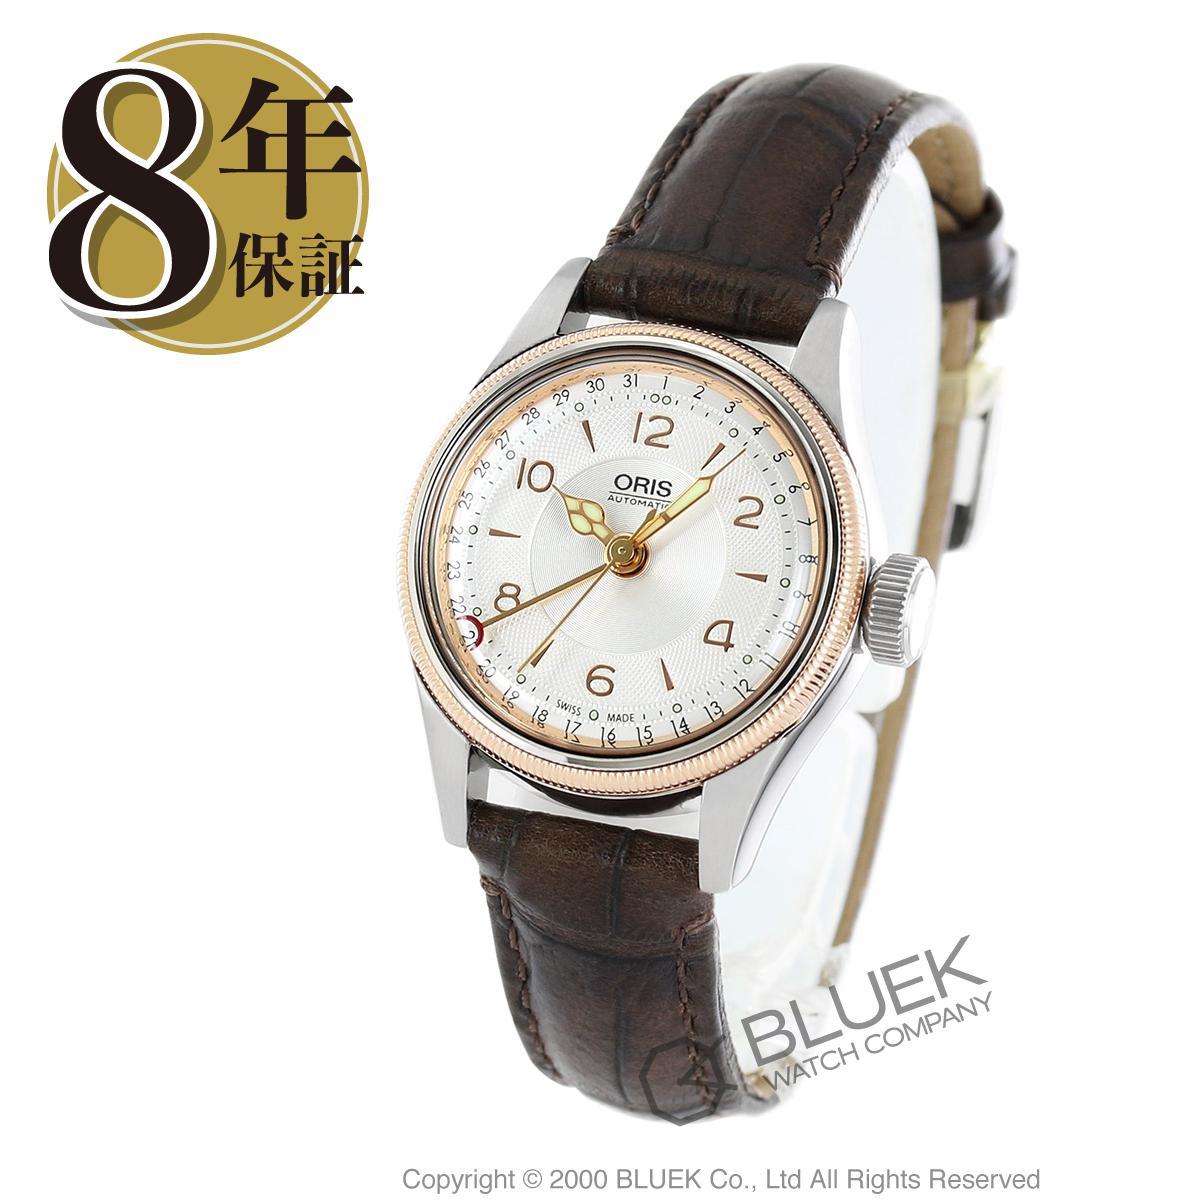 オリス ビッグクラウン 腕時計 レディース ORIS 594 7695 4361F_8